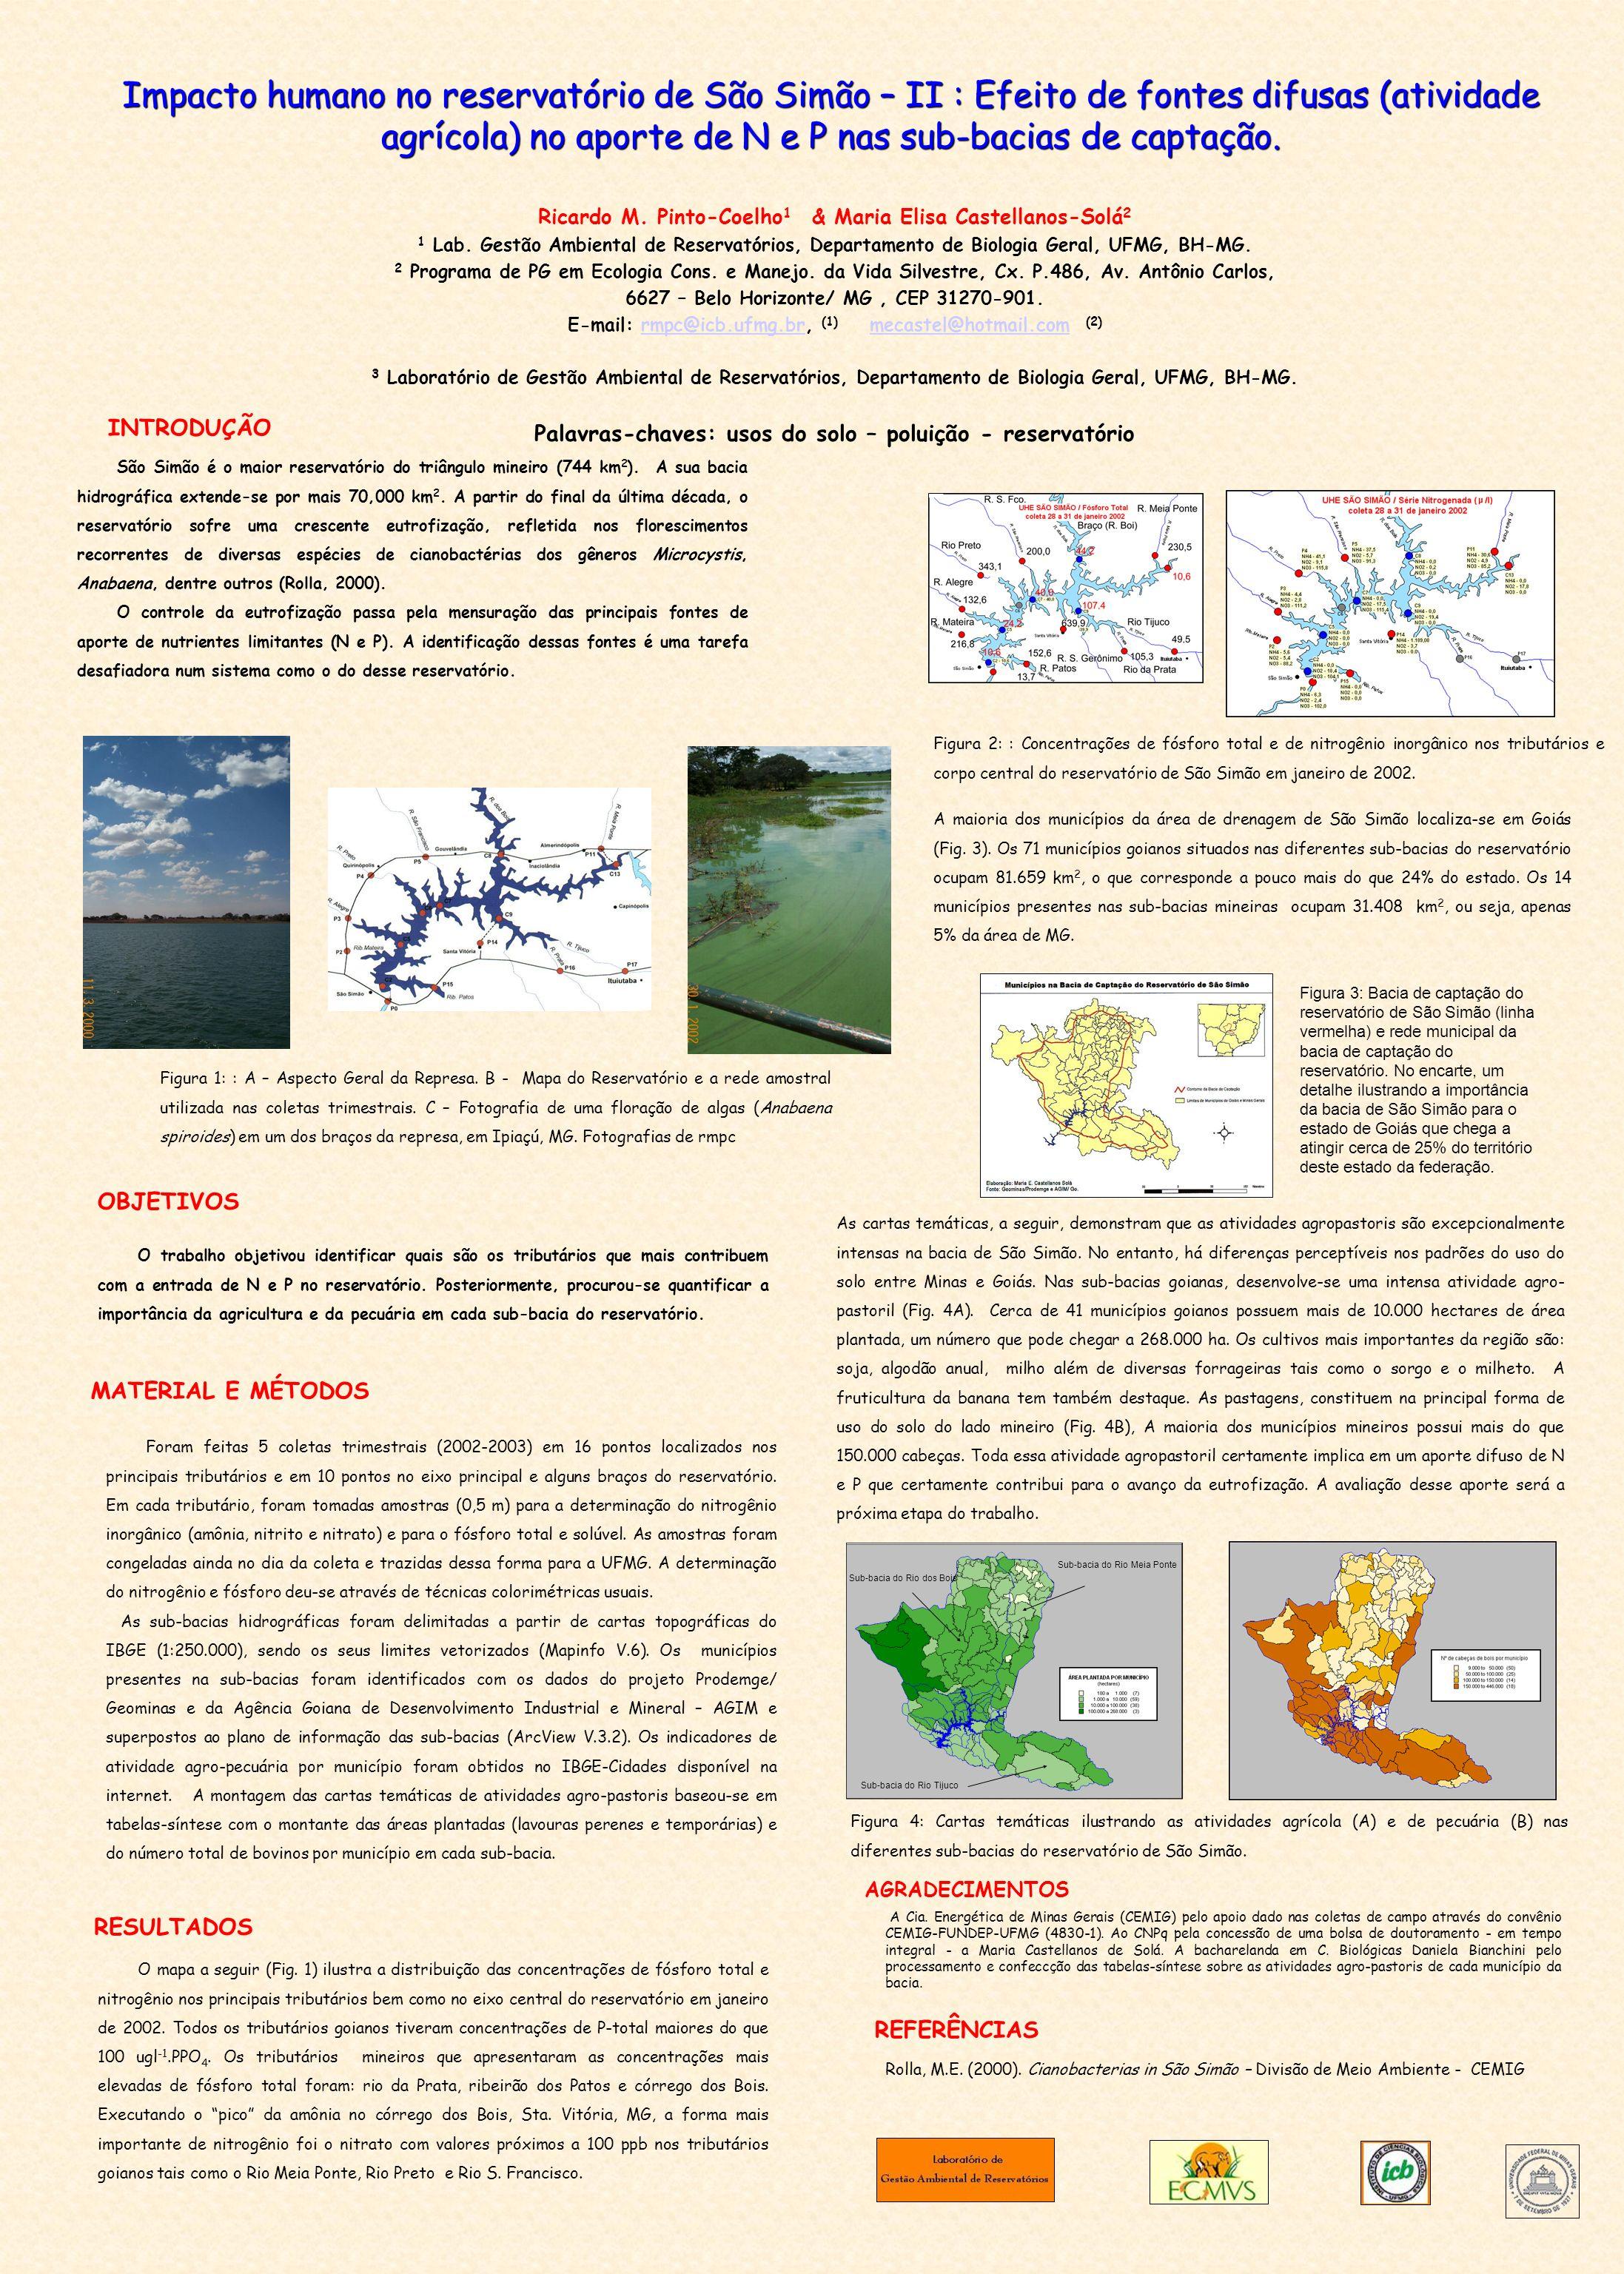 Impacto humano no reservatório de São Simão – II : Efeito de fontes difusas (atividade agrícola) no aporte de N e P nas sub-bacias de captação. Ricard